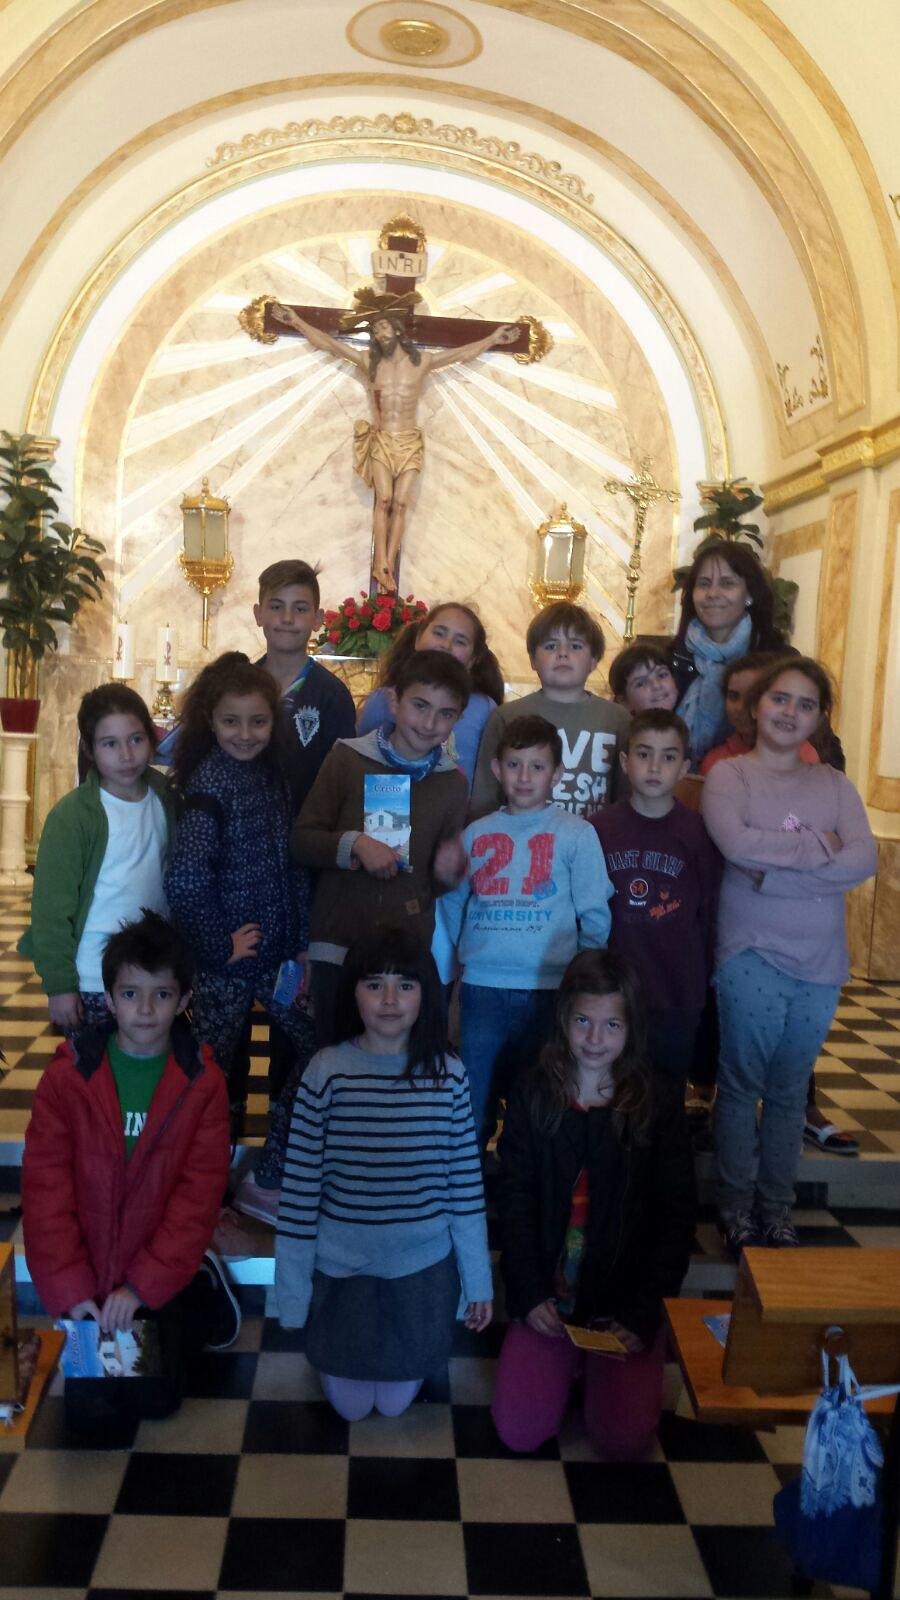 (2017-03-27) - Visita ermita alumnos Laura, profesora religión Reina Sofia - Marzo -  María Isabel Berenguer Brotons (02)